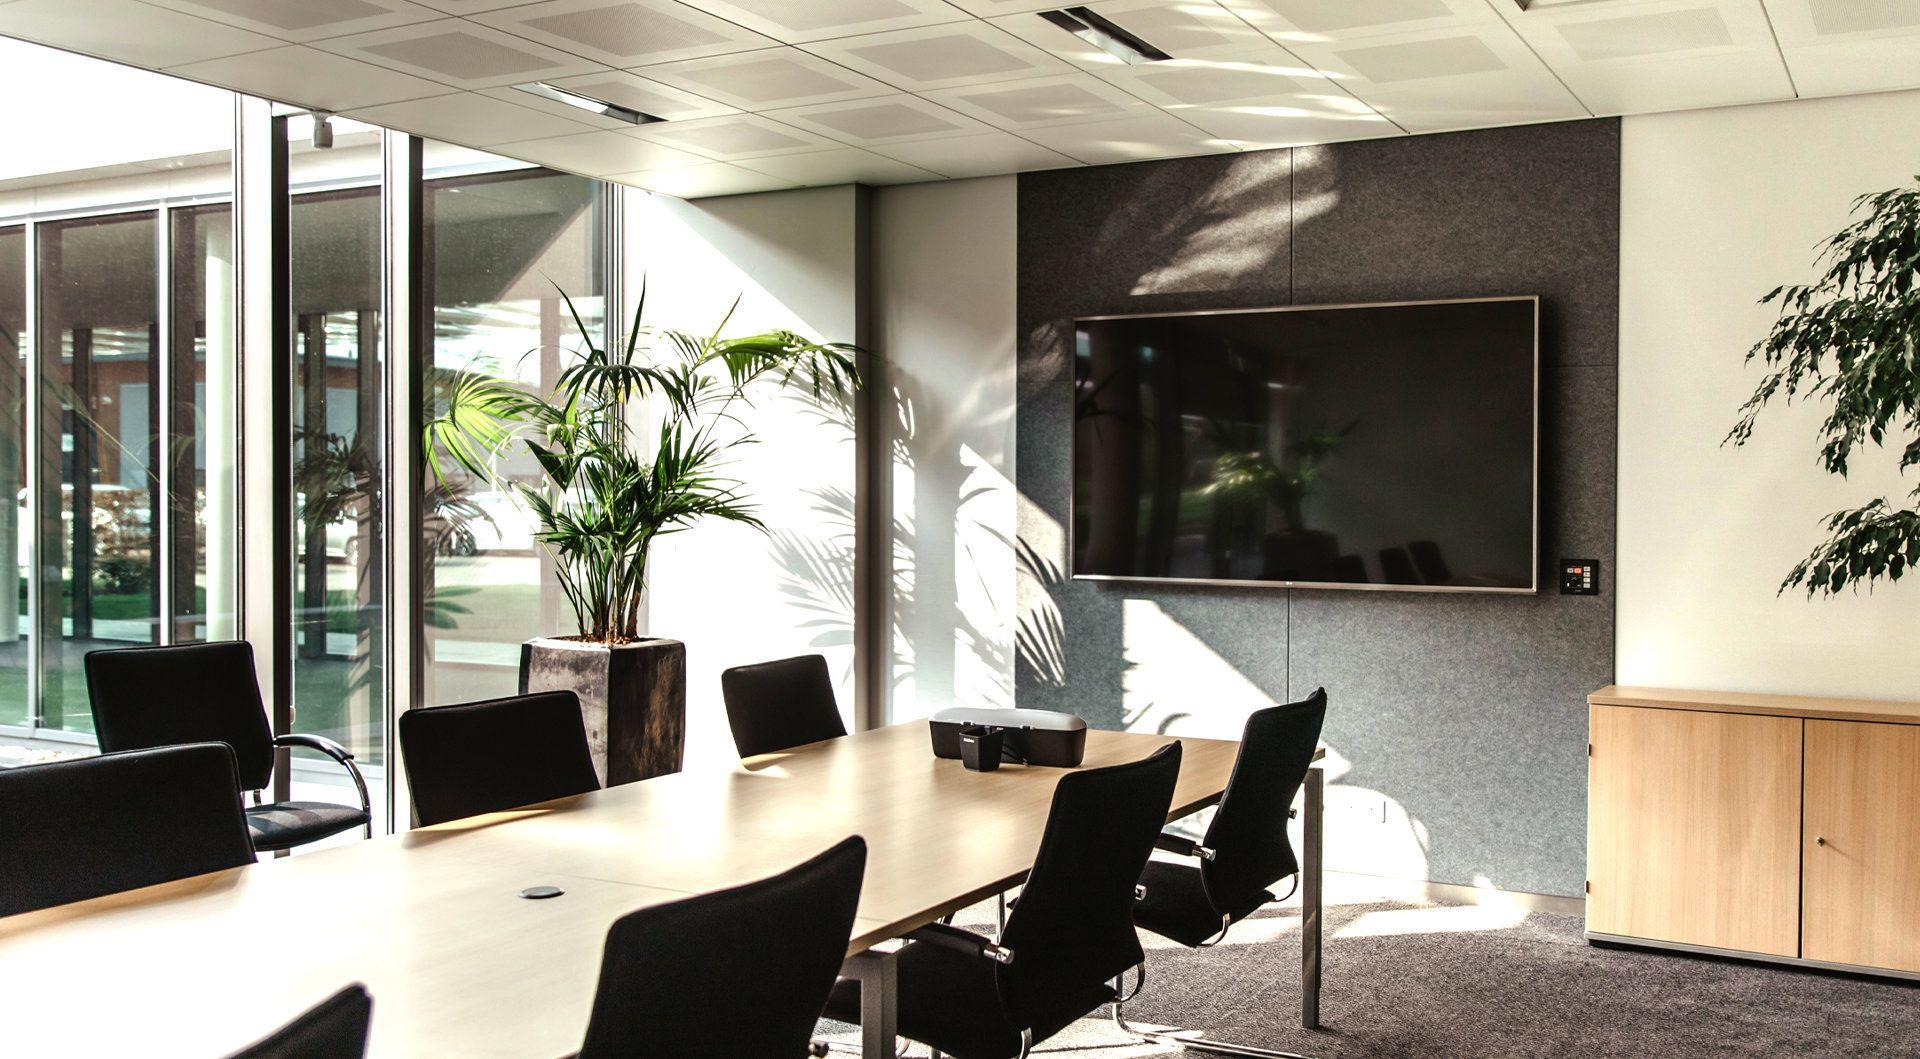 """Conen Mounts SCEXLB flat panel vloer standaard 3,05 m (120"""") Draagbare flatscreen vloerstandaard Aluminium, Zwart - Case studie de vries"""